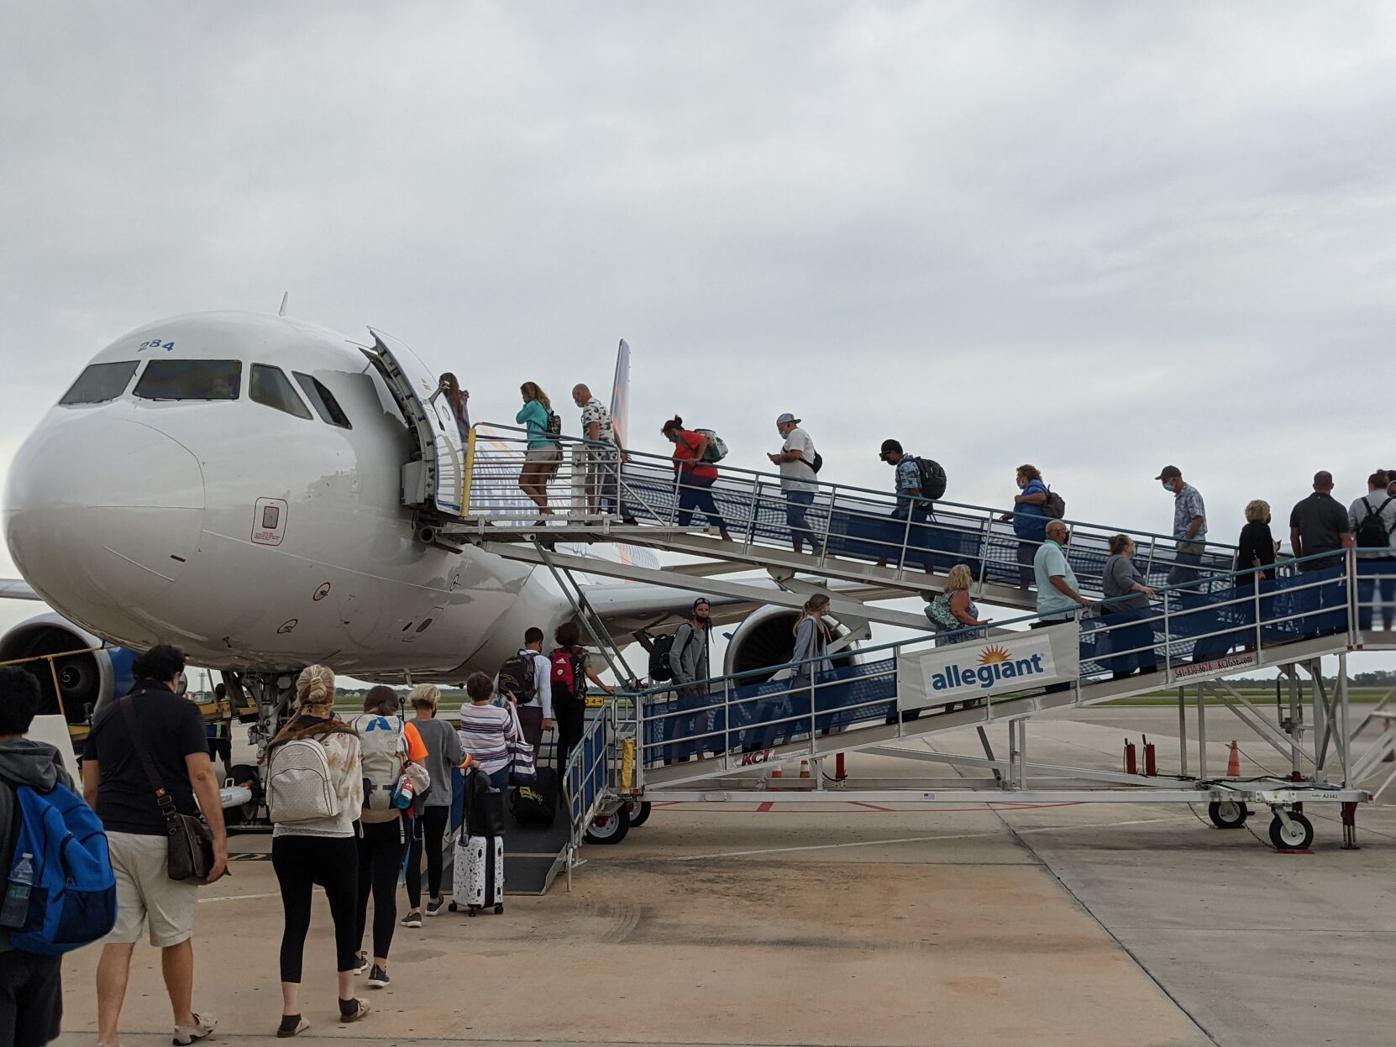 Allegiant at Punta Gorda Airport